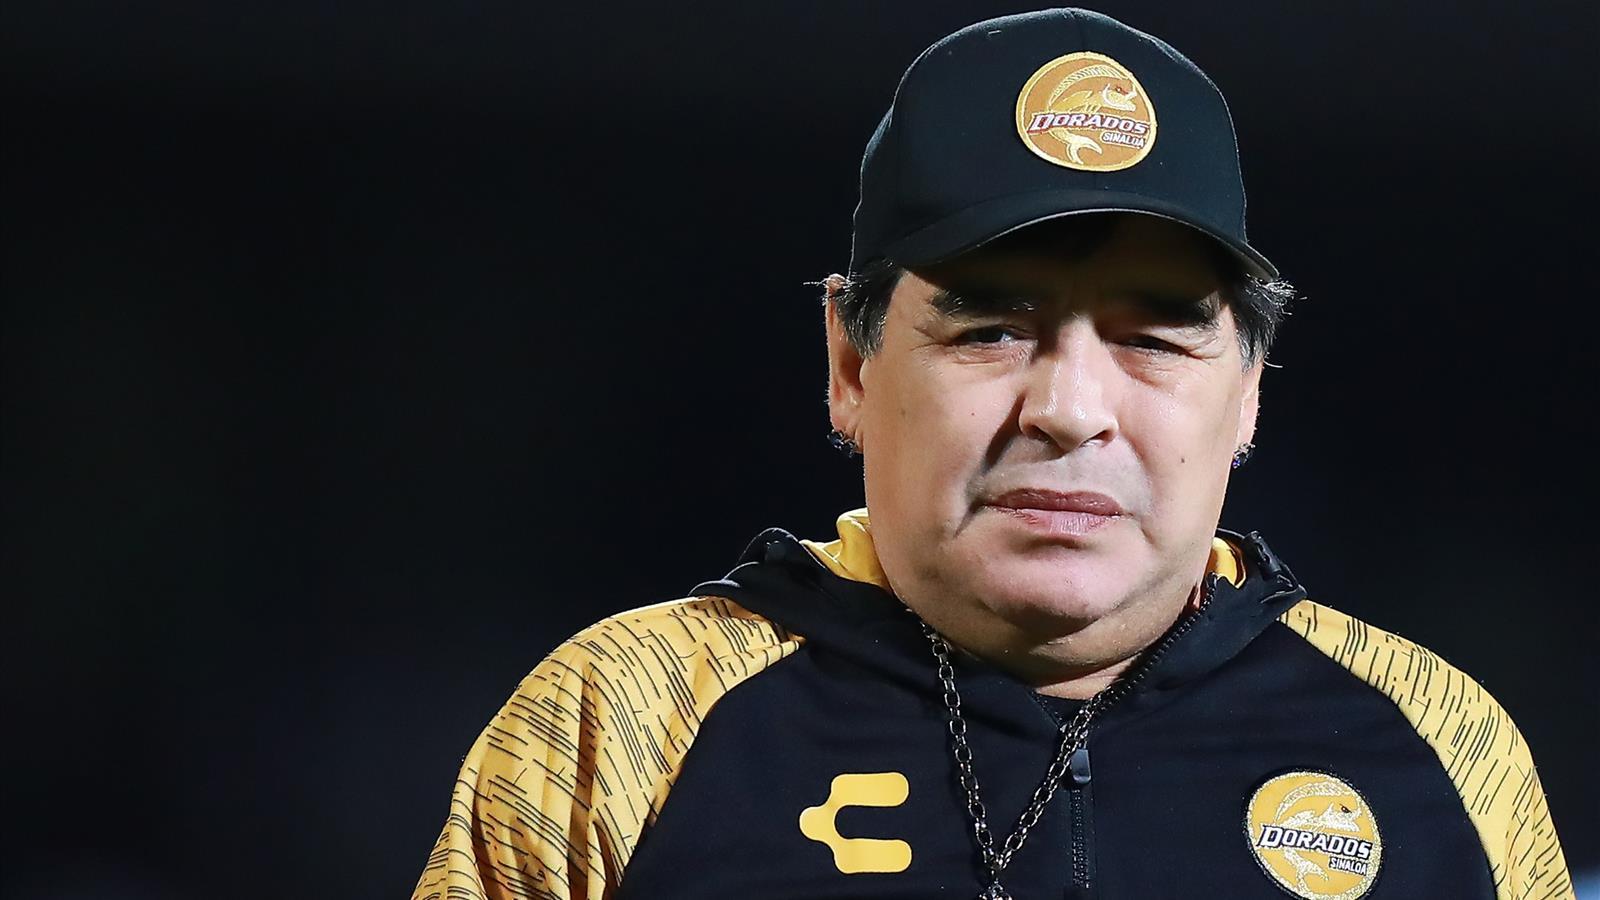 Диего Марадона: «Нынешняя сборная Аргентины не заслуживает носить свою форму»